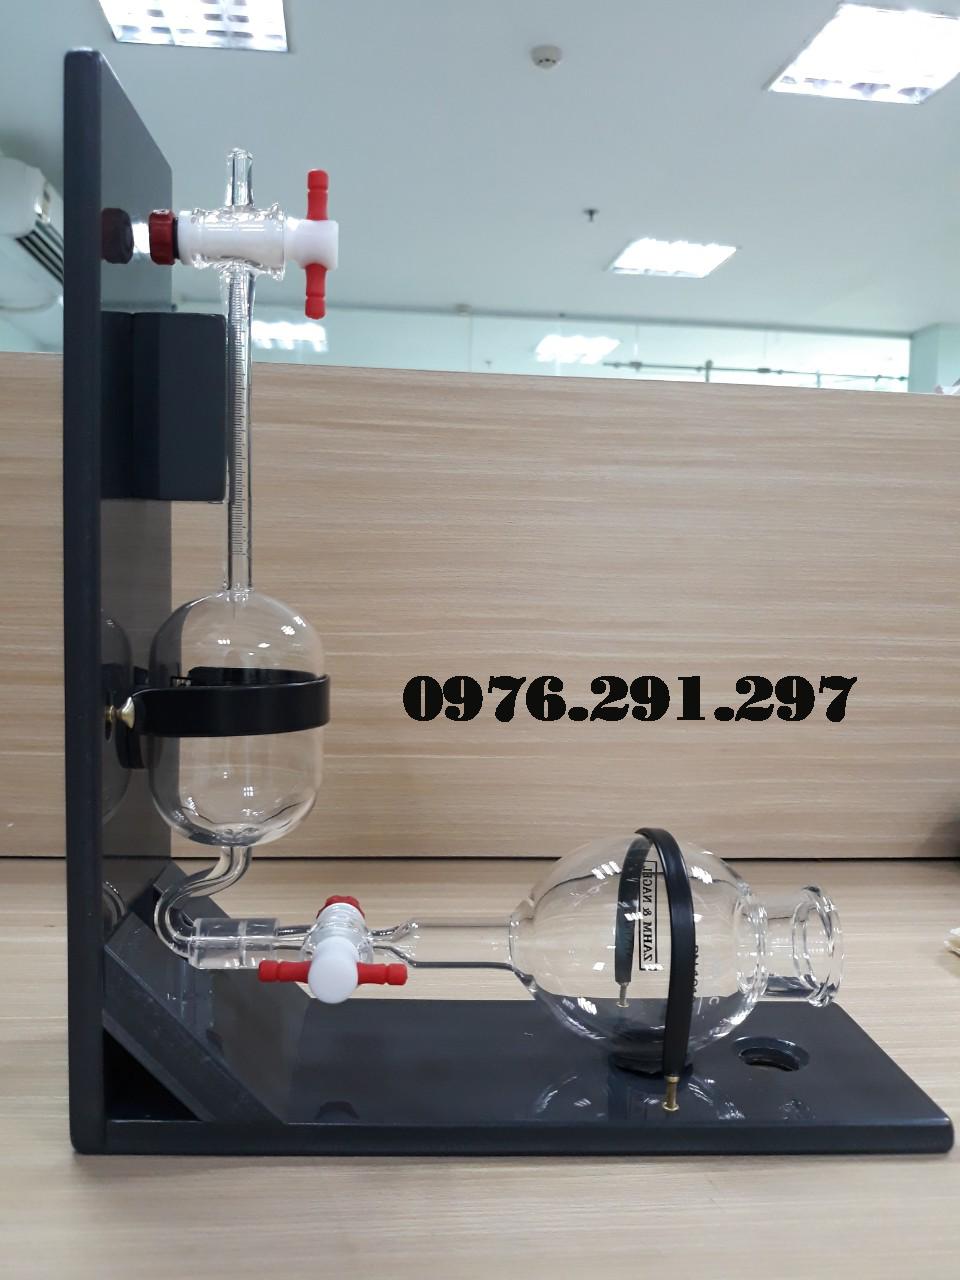 Thiết bị kiểm tra độ tinh khiết CO2 Zahm Nagel